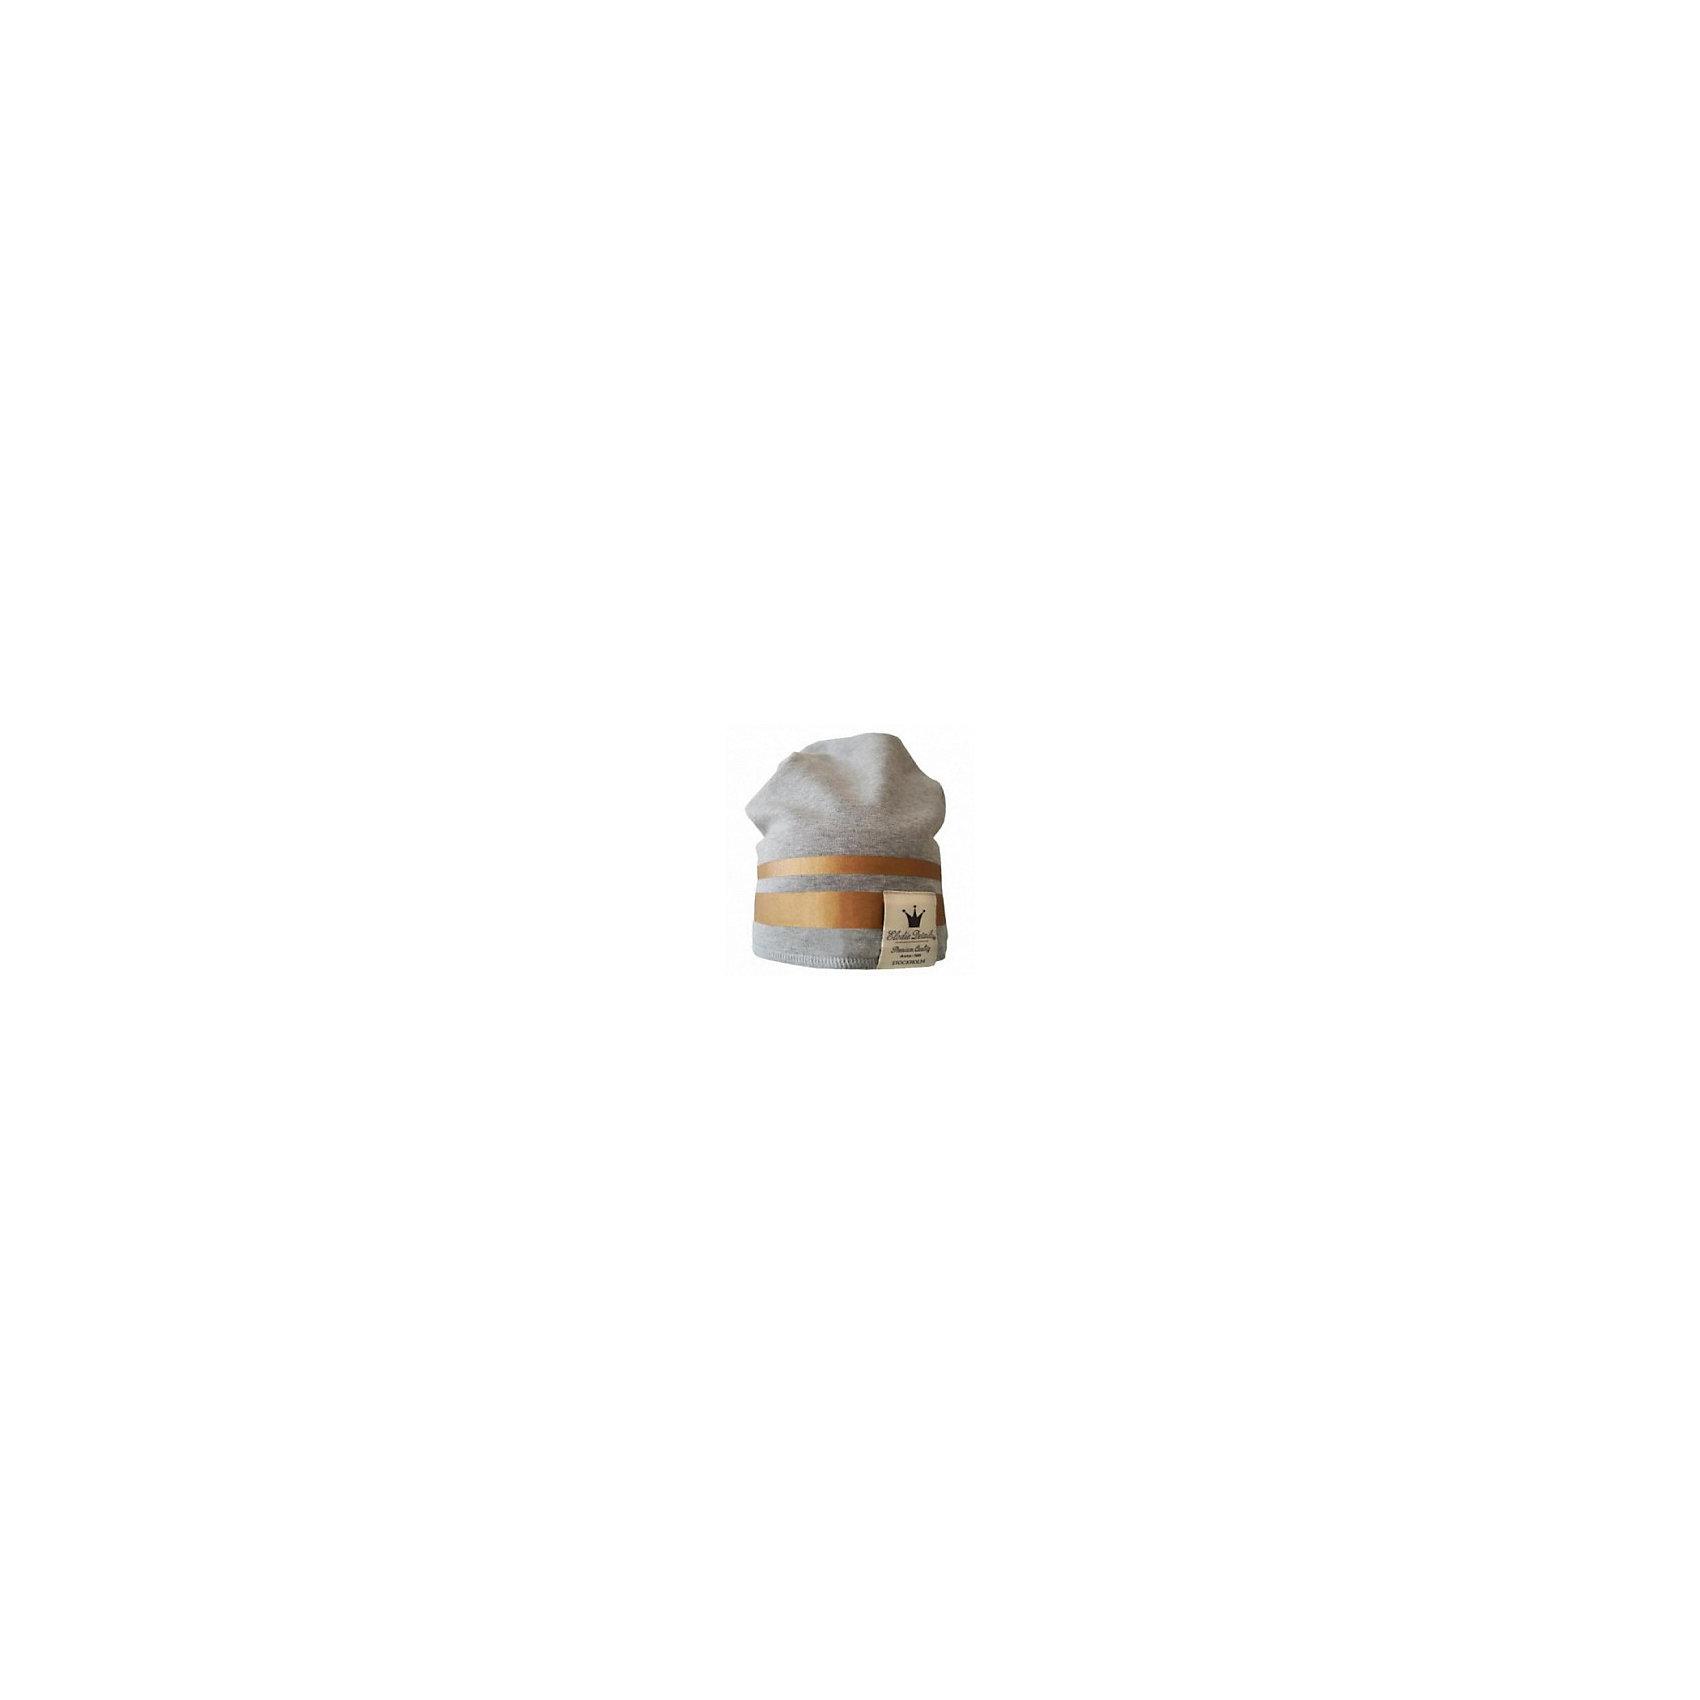 Шапка Beanie - Gilded Grey  р. 0-6 мес., Elodie DetailsШапочки<br>Шапка Elodie Details;  Стильная шапочка-бини из коллекции Серый с позолотой сочетает в себе строгую элегантность графитового оттенка с ярким золотым акцентом. Шапочка подходят для ранней весны и поздней осени.;Тщательно продуманный состав ткани - мягкий хлопок в сочетании с modal делают ее необыкновенно мягкой и хорошо поглощающей влагу.;;В области ушек шапочка имеет двойной слой.;Шапочка отлично;тянется и;при этом хорошо держит форму.; ; ;0-6 месяцев – для объема головы от 38 до 42 см; ;6-12 месяцев – для объема головы от 41 до 45 см; 12-24 месяца - для объема головы от;46 до 48 см; ;24-36 месяцев -;для объема головы от;48 до 50 см;<br><br>Ширина мм: 19<br>Глубина мм: 0<br>Высота мм: 17<br>Вес г: 35<br>Возраст от месяцев: 0<br>Возраст до месяцев: 6<br>Пол: Унисекс<br>Возраст: Детский<br>SKU: 4966124